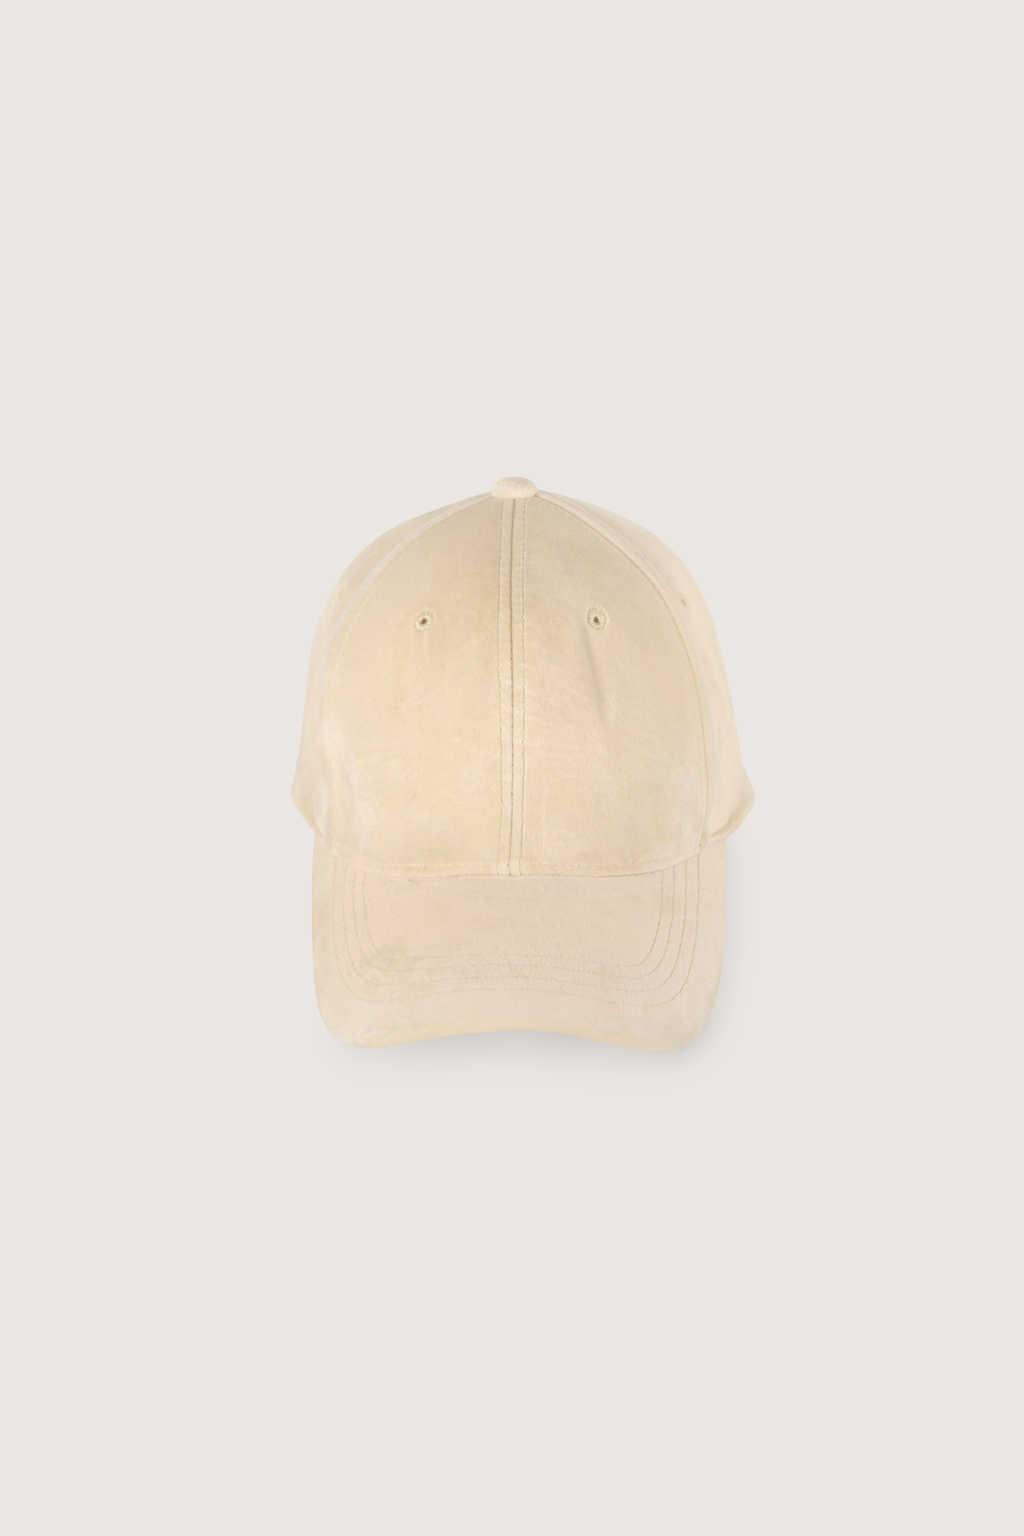 Hat H022 Cream 2